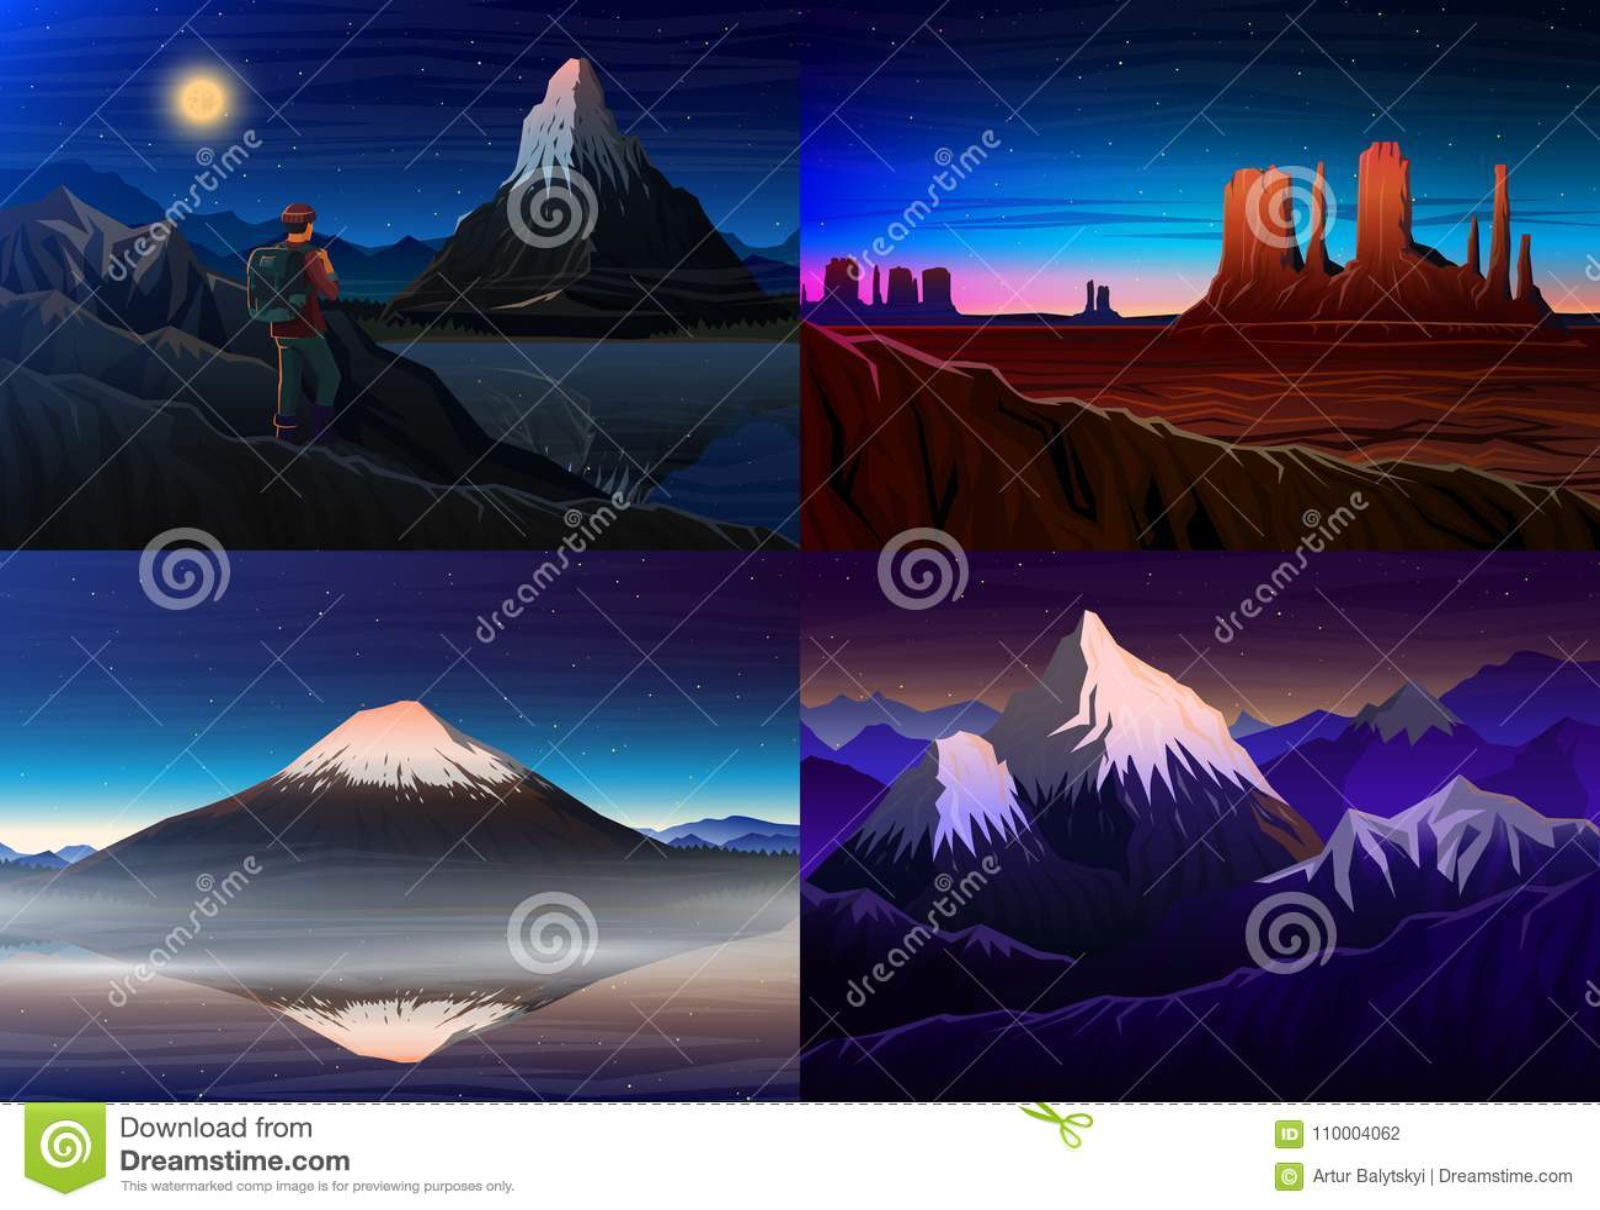 Berg everest, matterhorn, Fuji med turisten, monumentdal, nattpanoramautsikt, maxima, landskap tidigt in